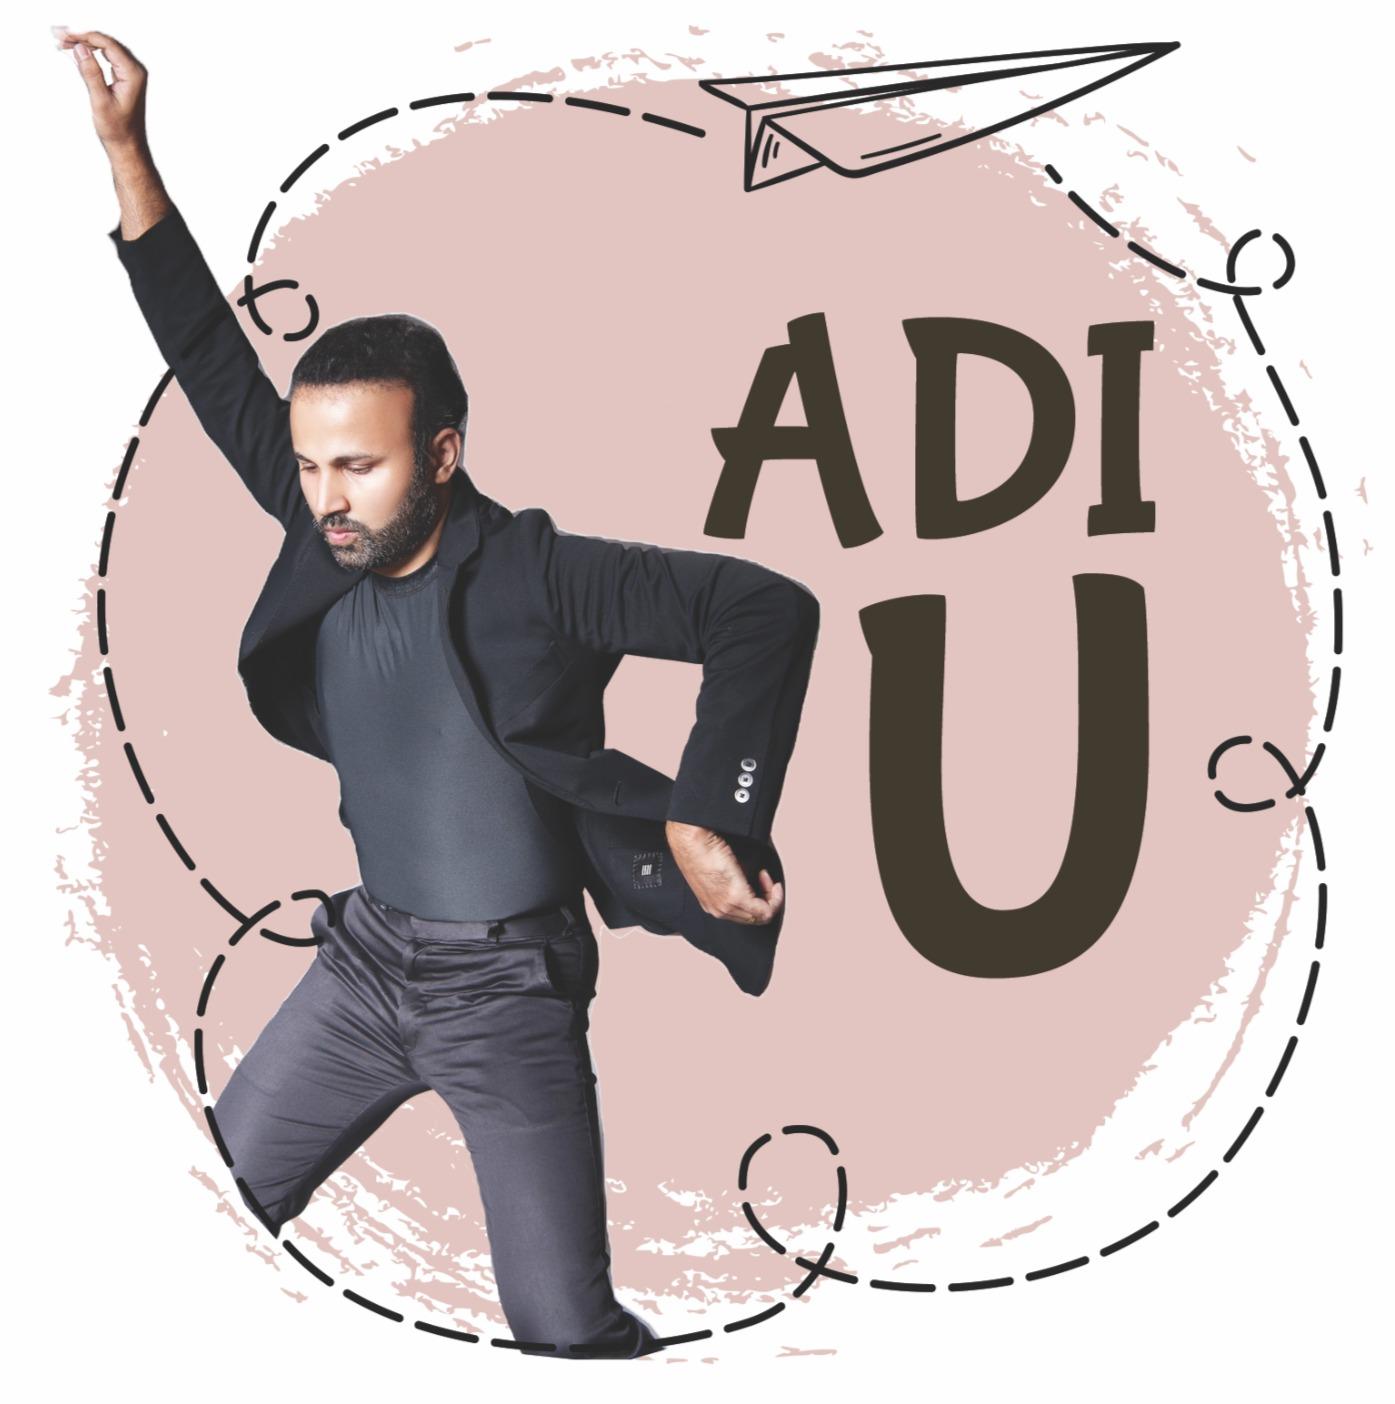 ADI U